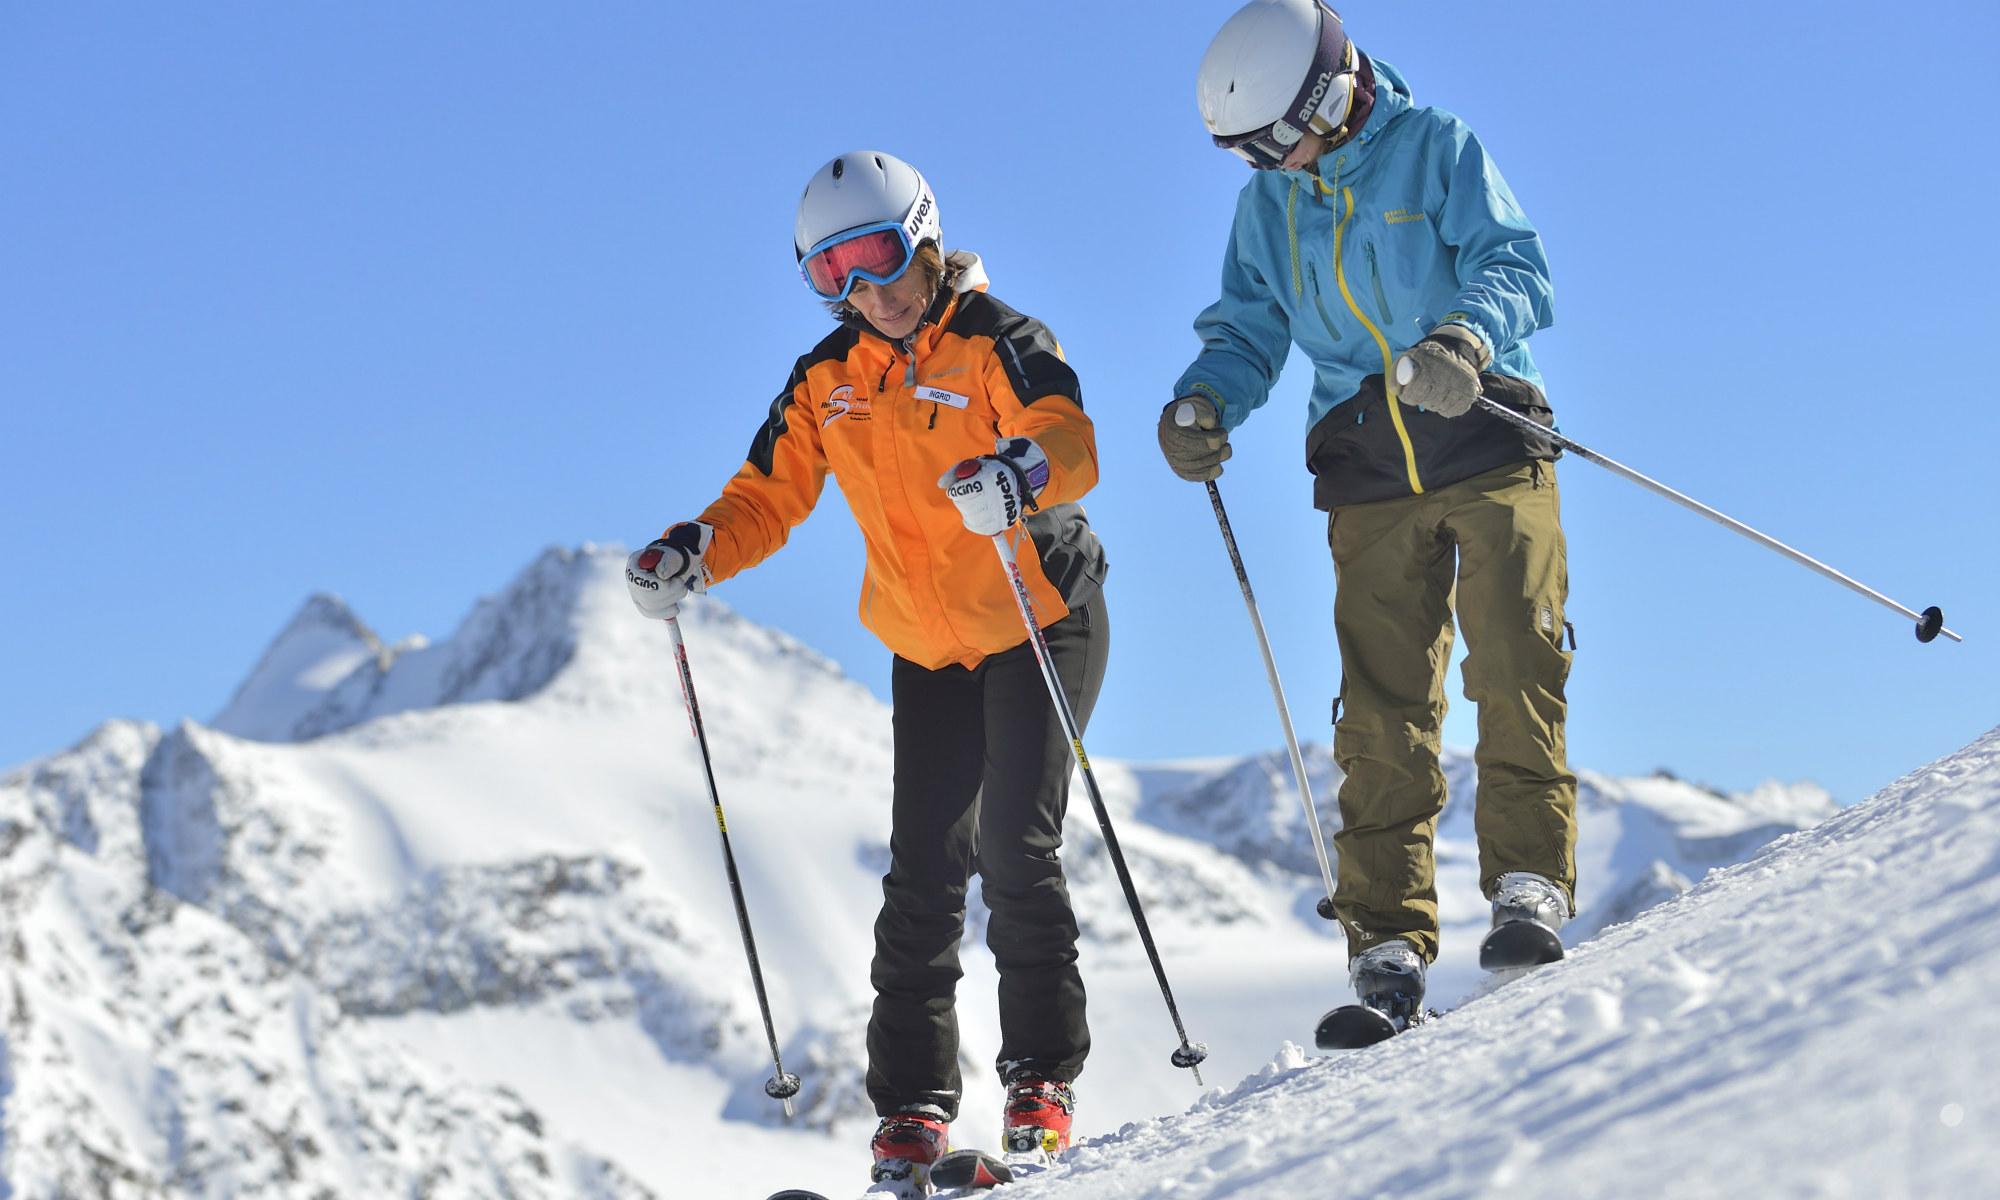 Deux skieurs sur une piste ensoleillée.